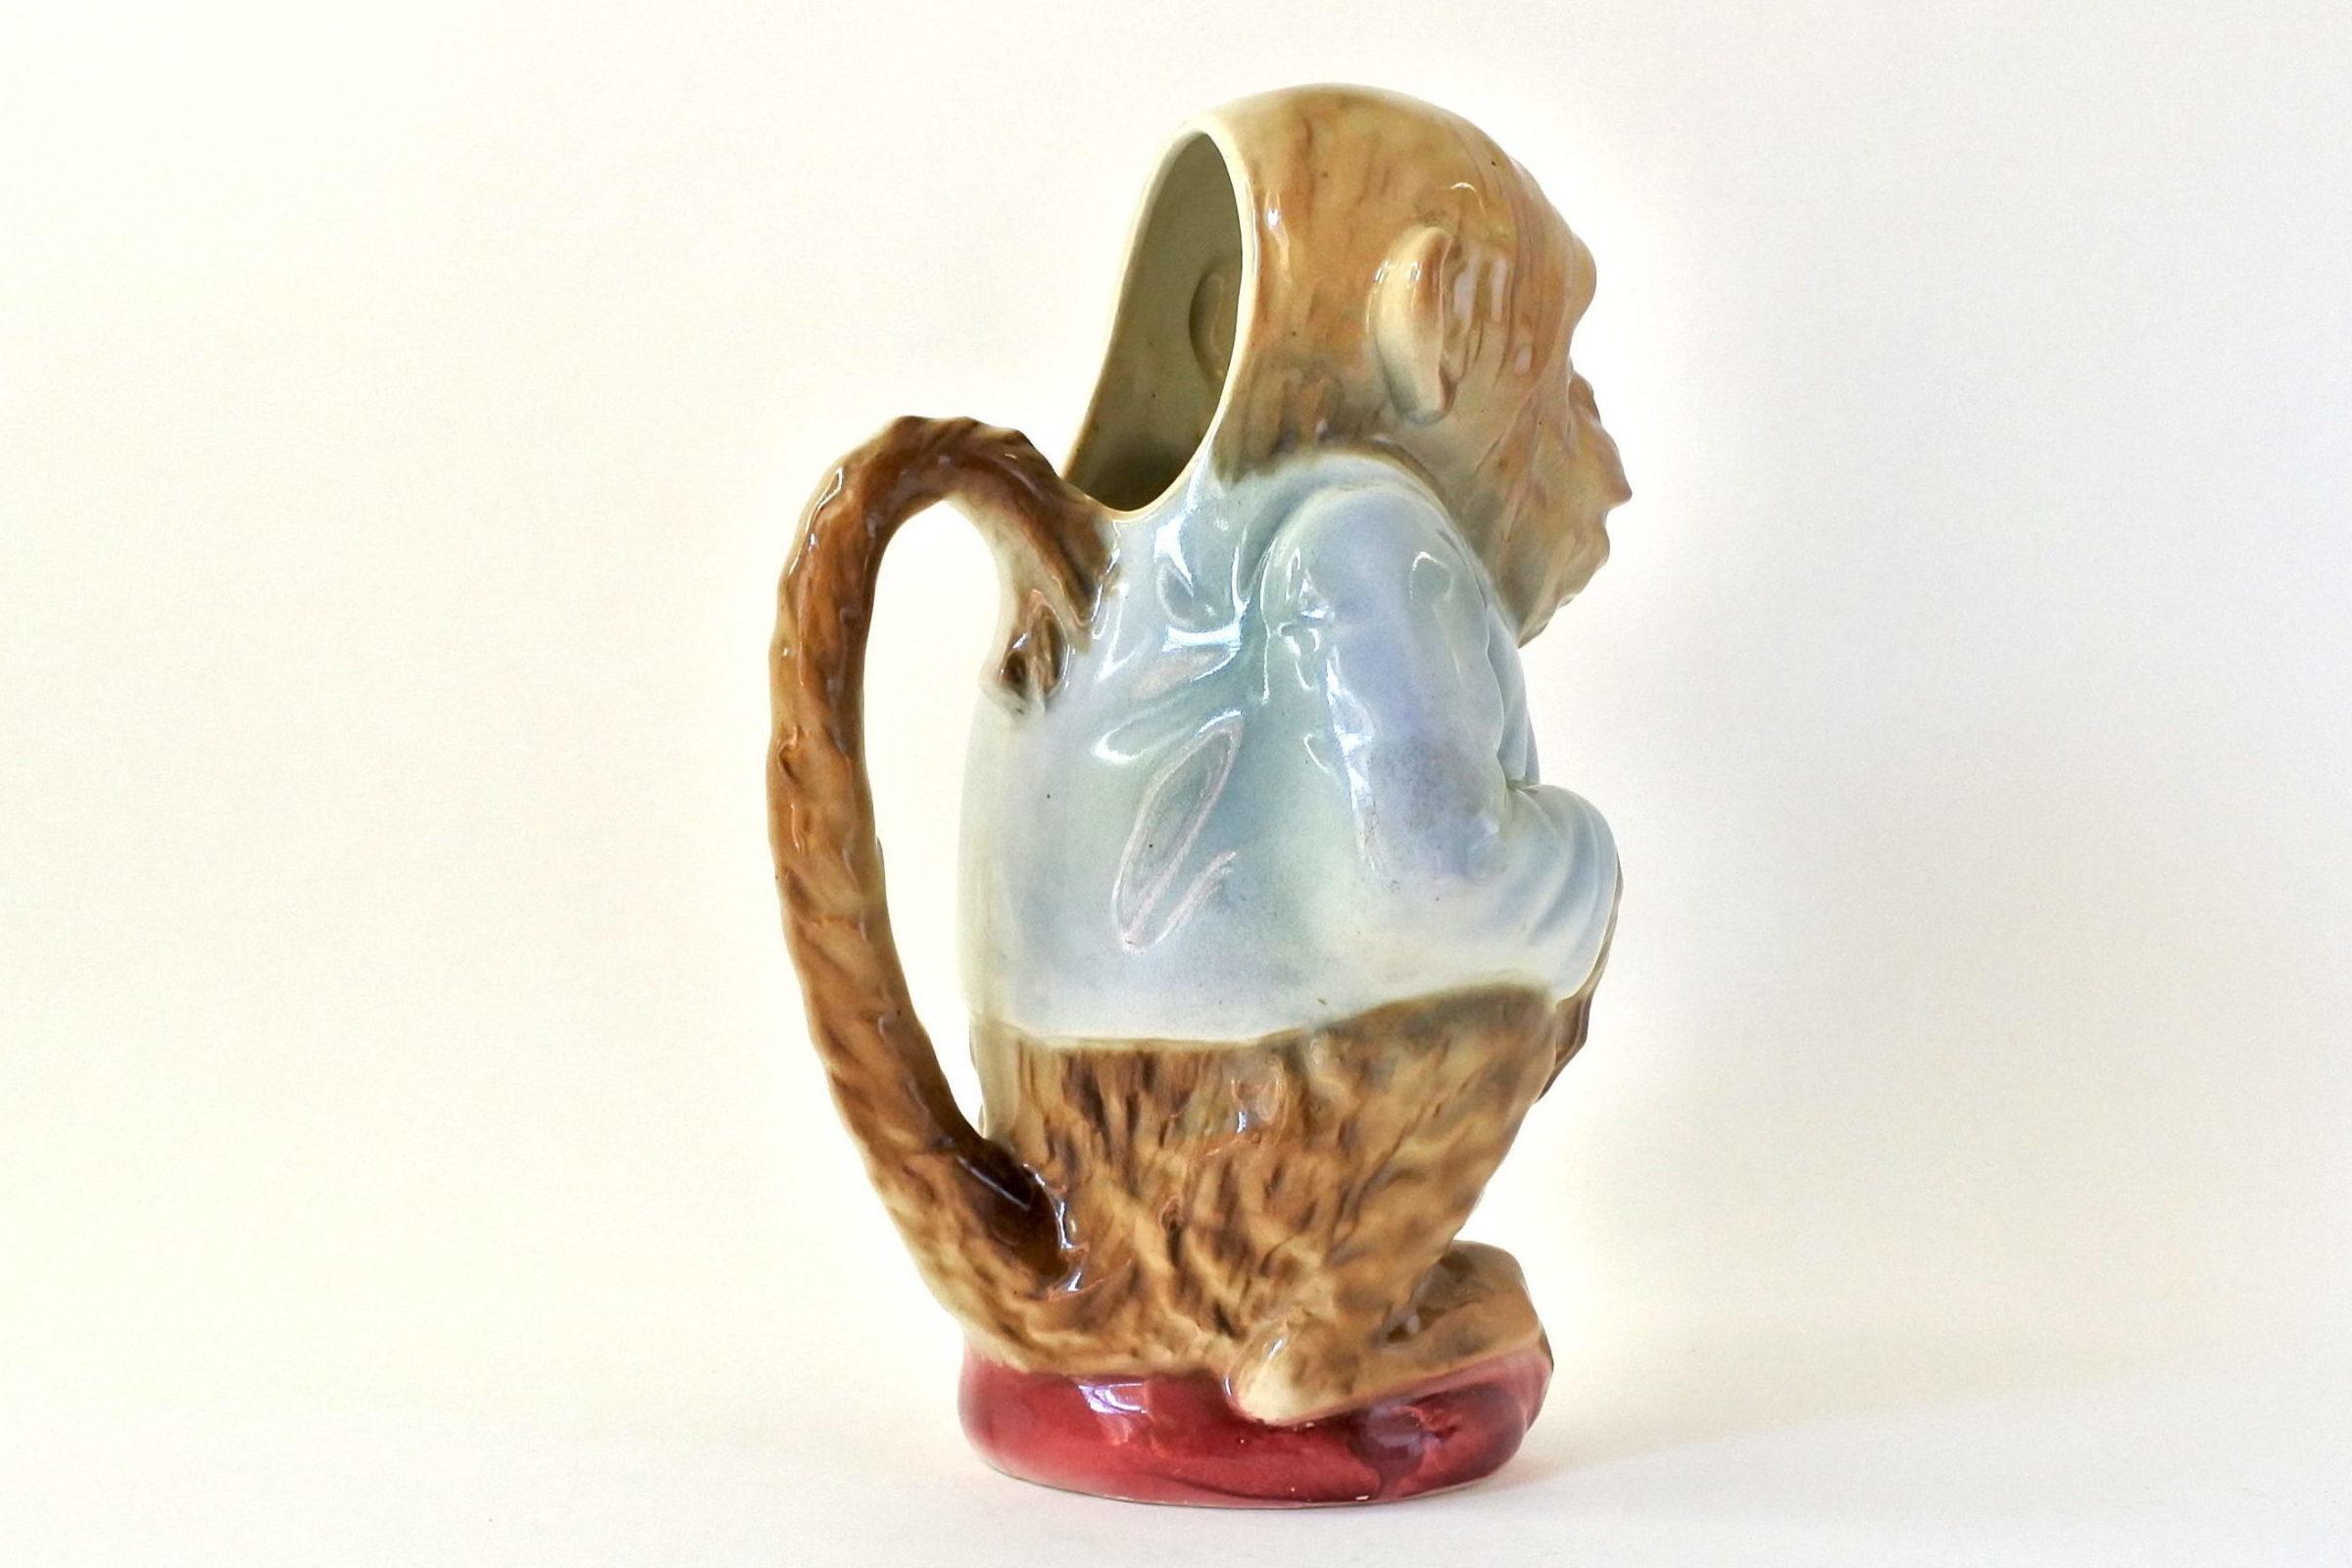 Brocca in ceramica barbotine con forma di scimmia - Saint Clément n° 435 - 4